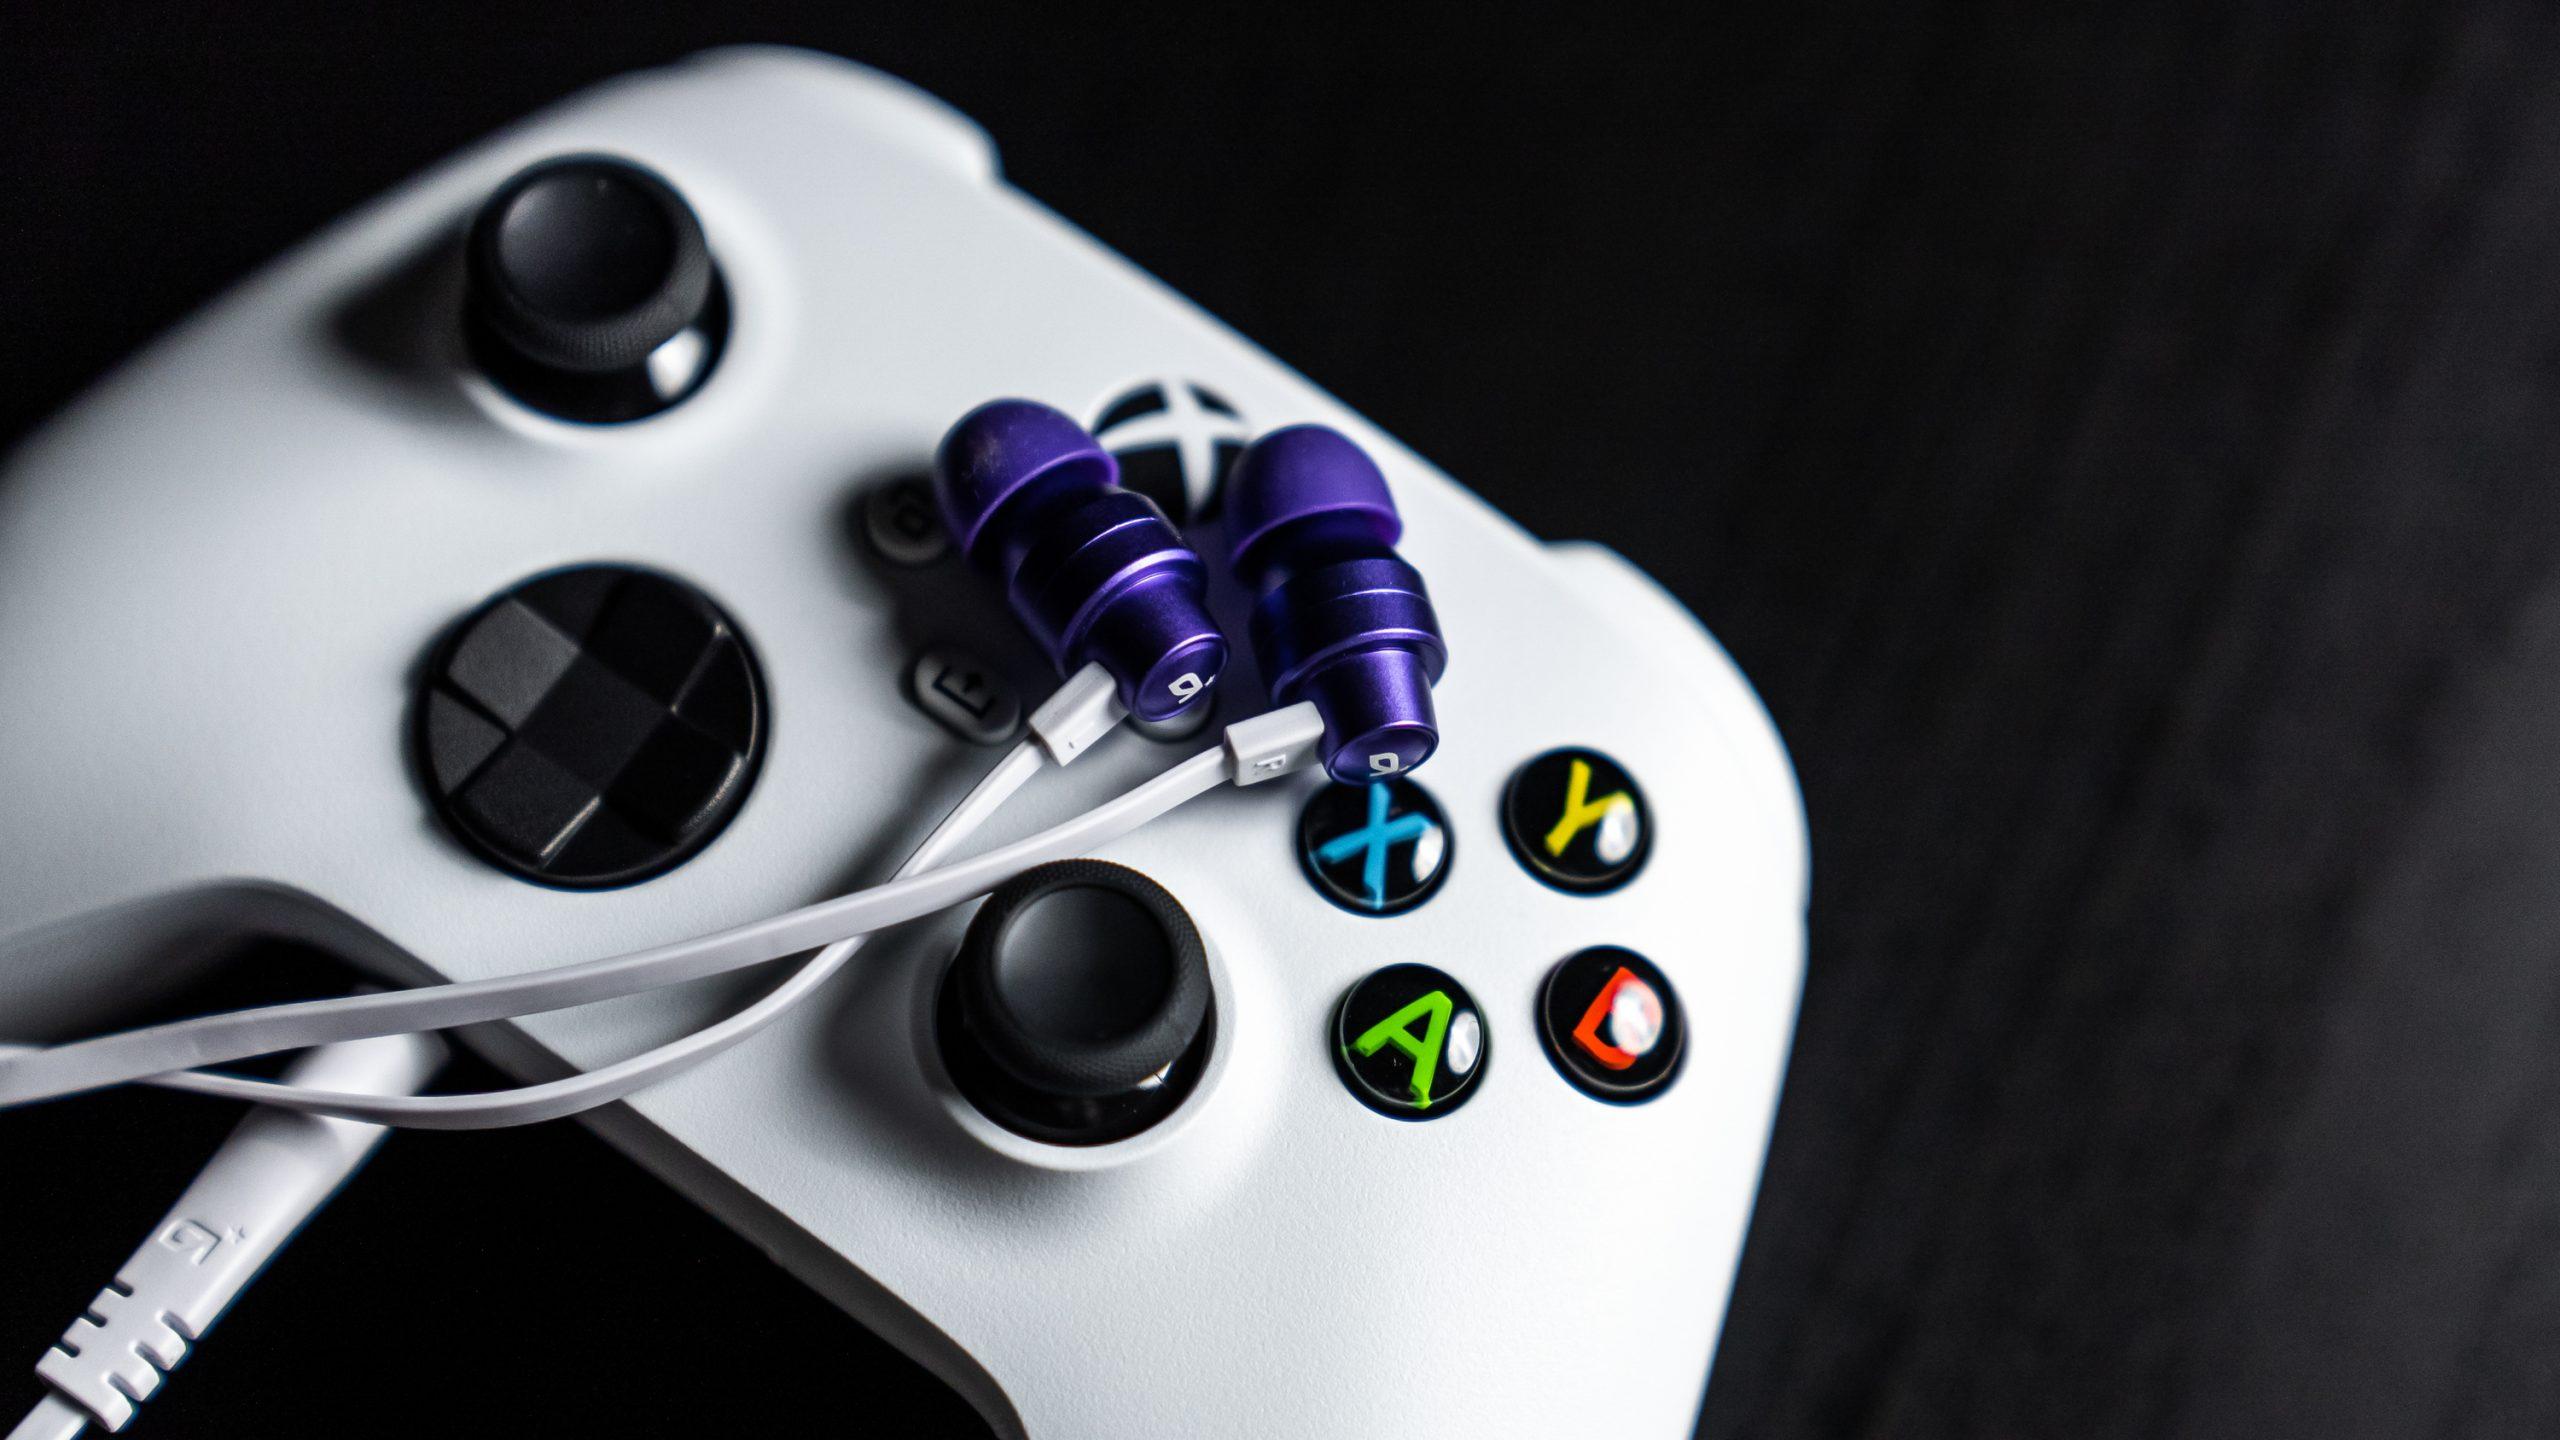 A03 IEM + Xbox Series X|S Setup Guide